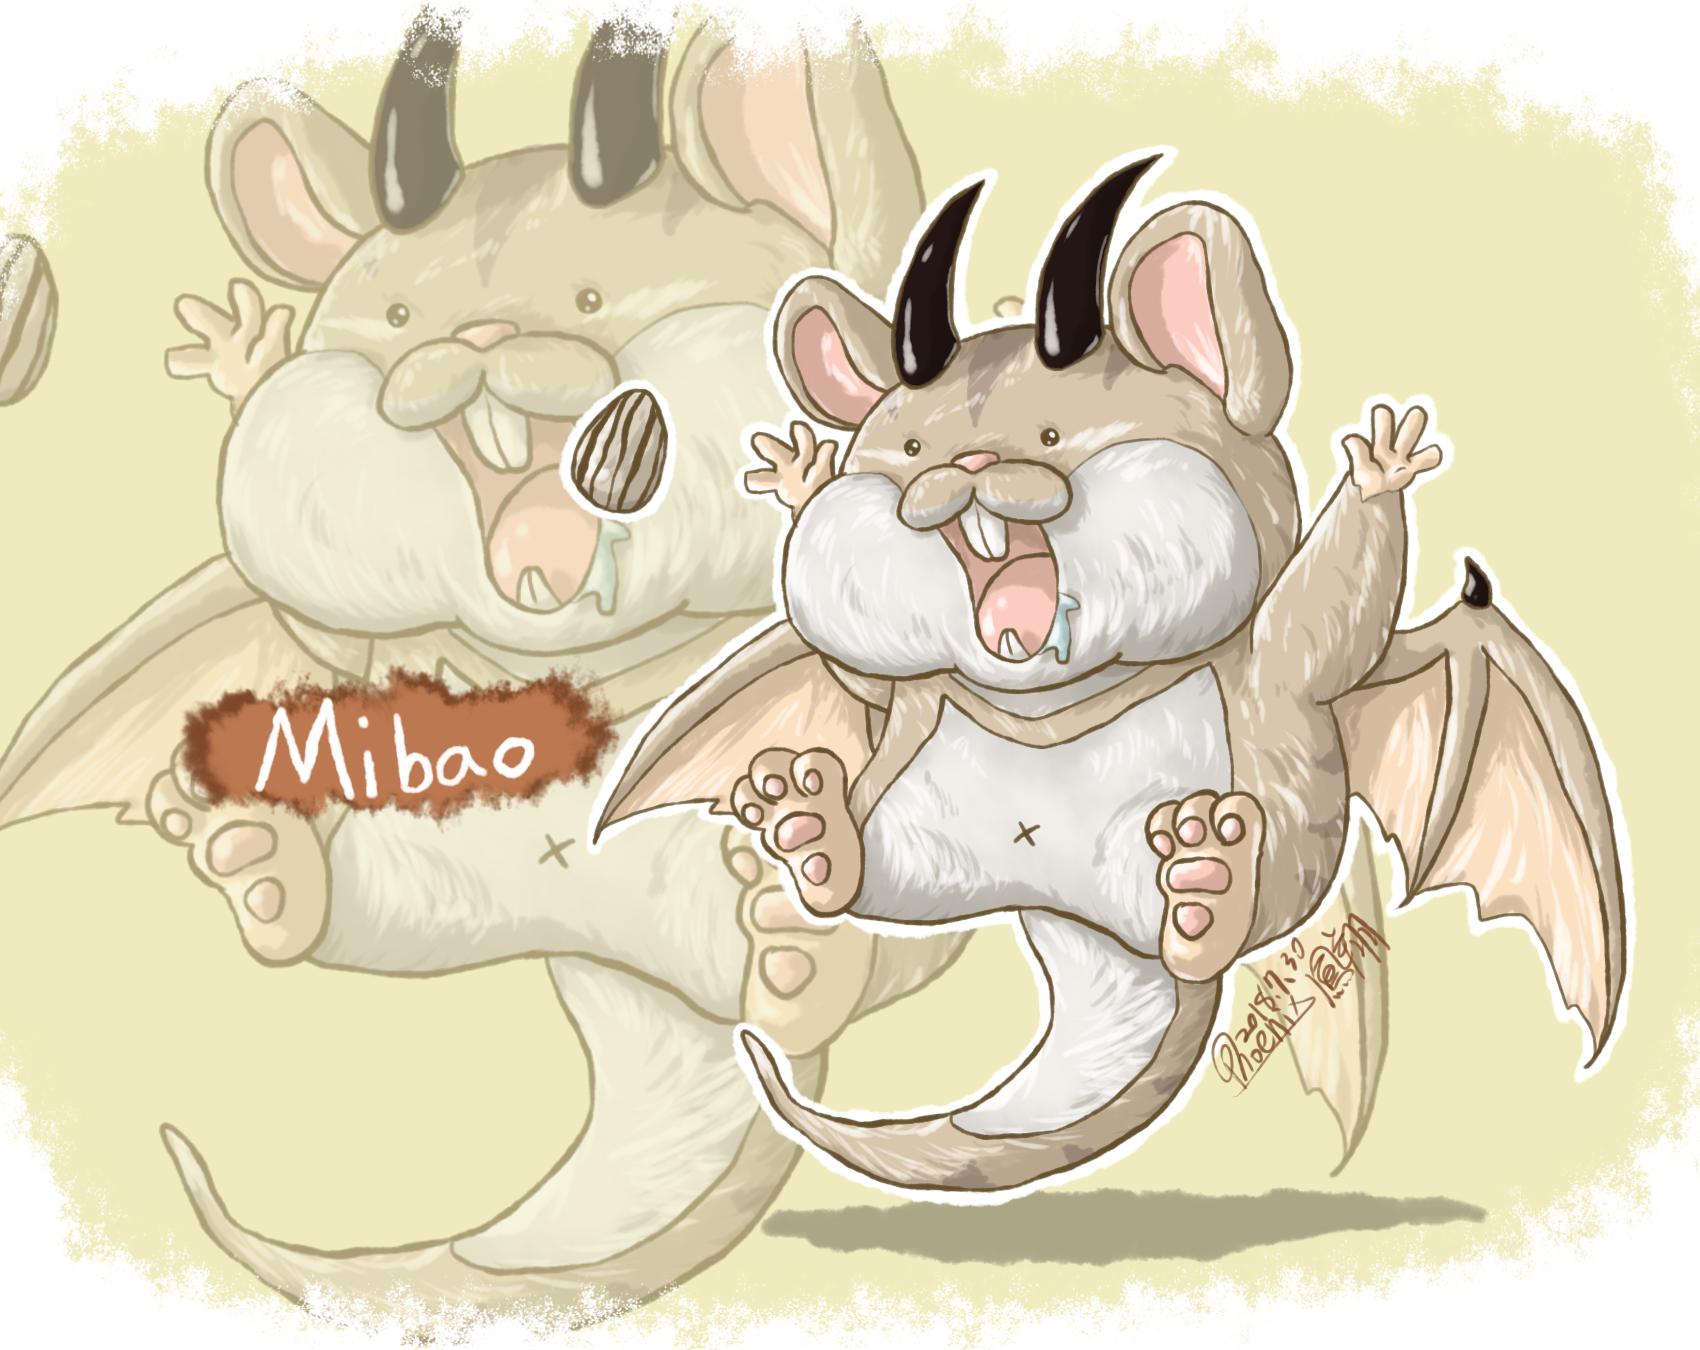 Mibao